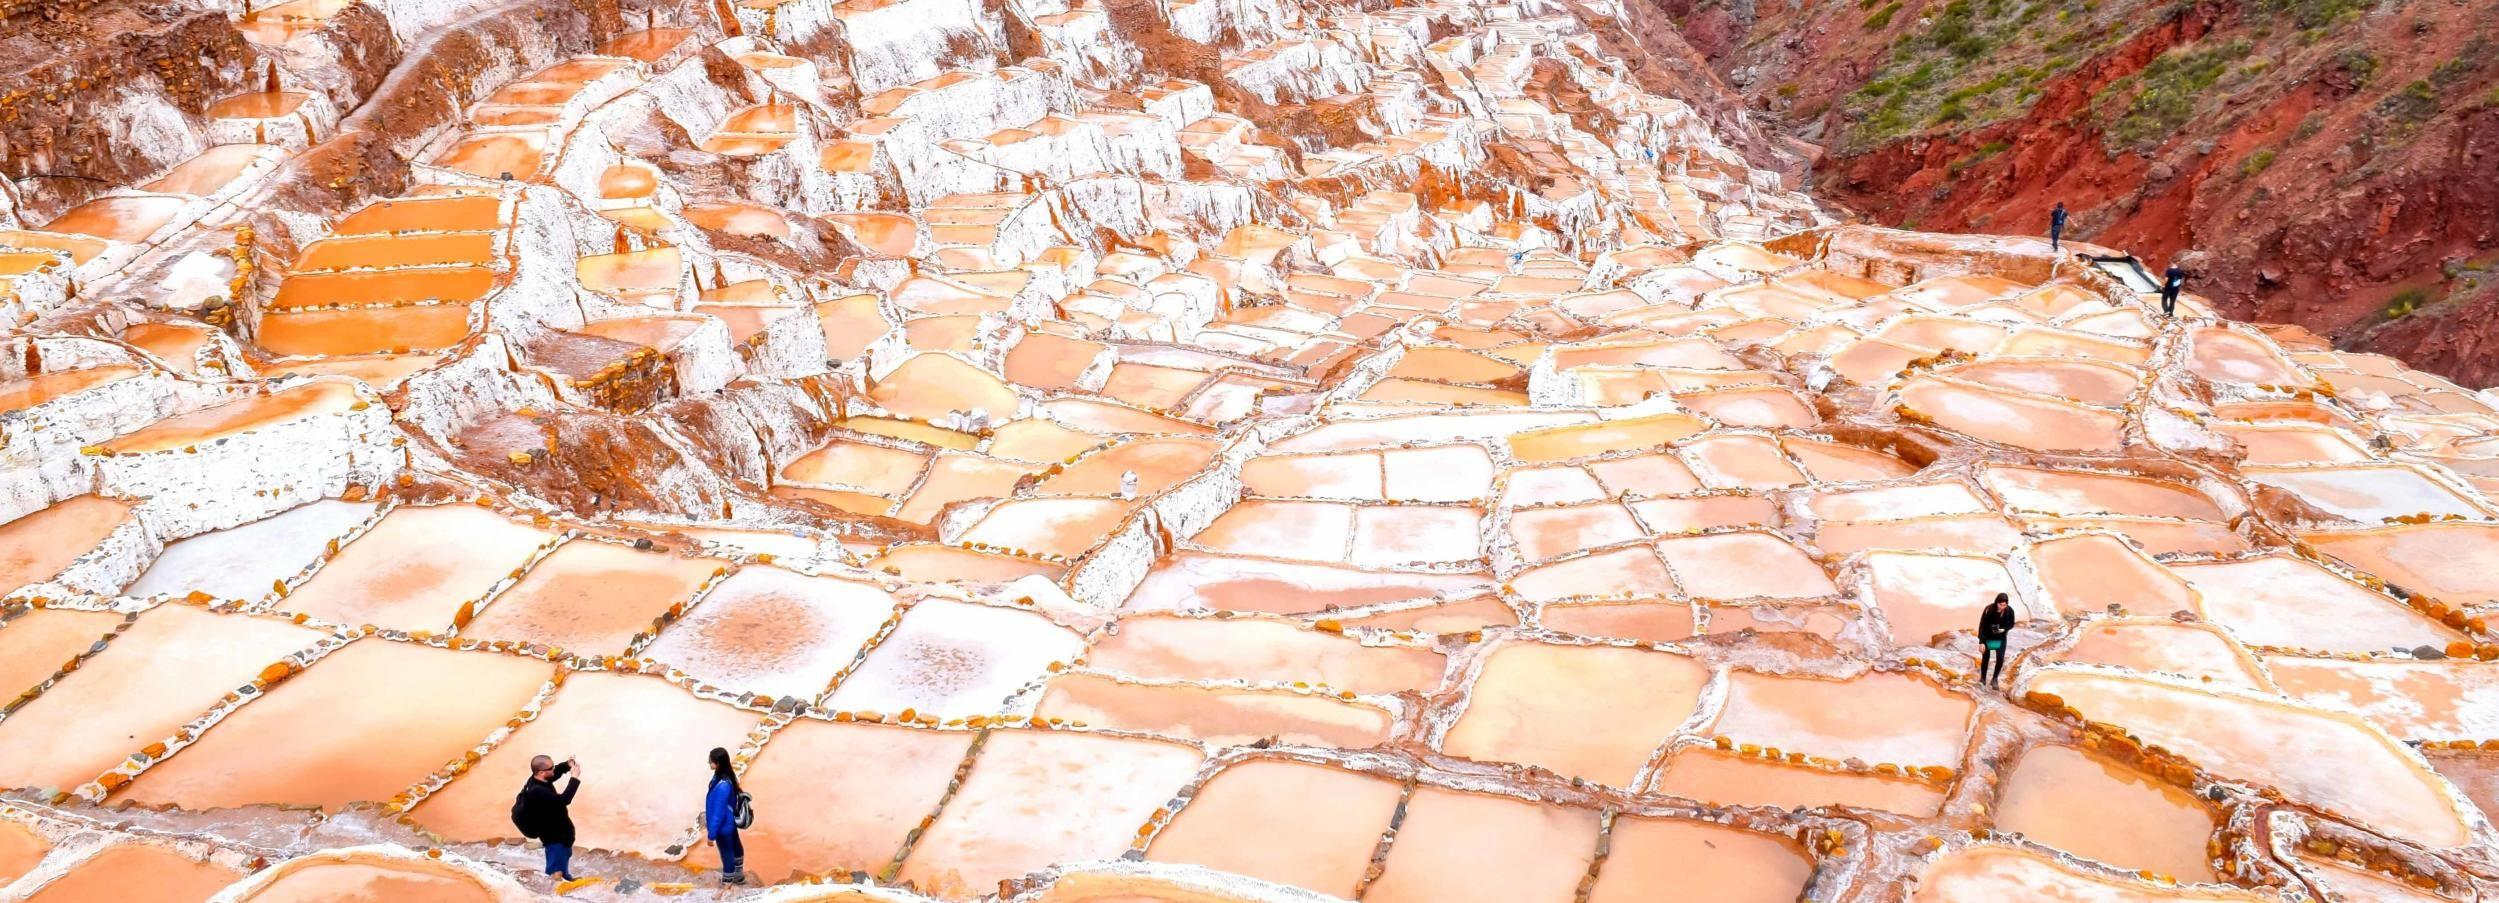 Desde Cuzco: día privado en Maras, Moray y Chincero